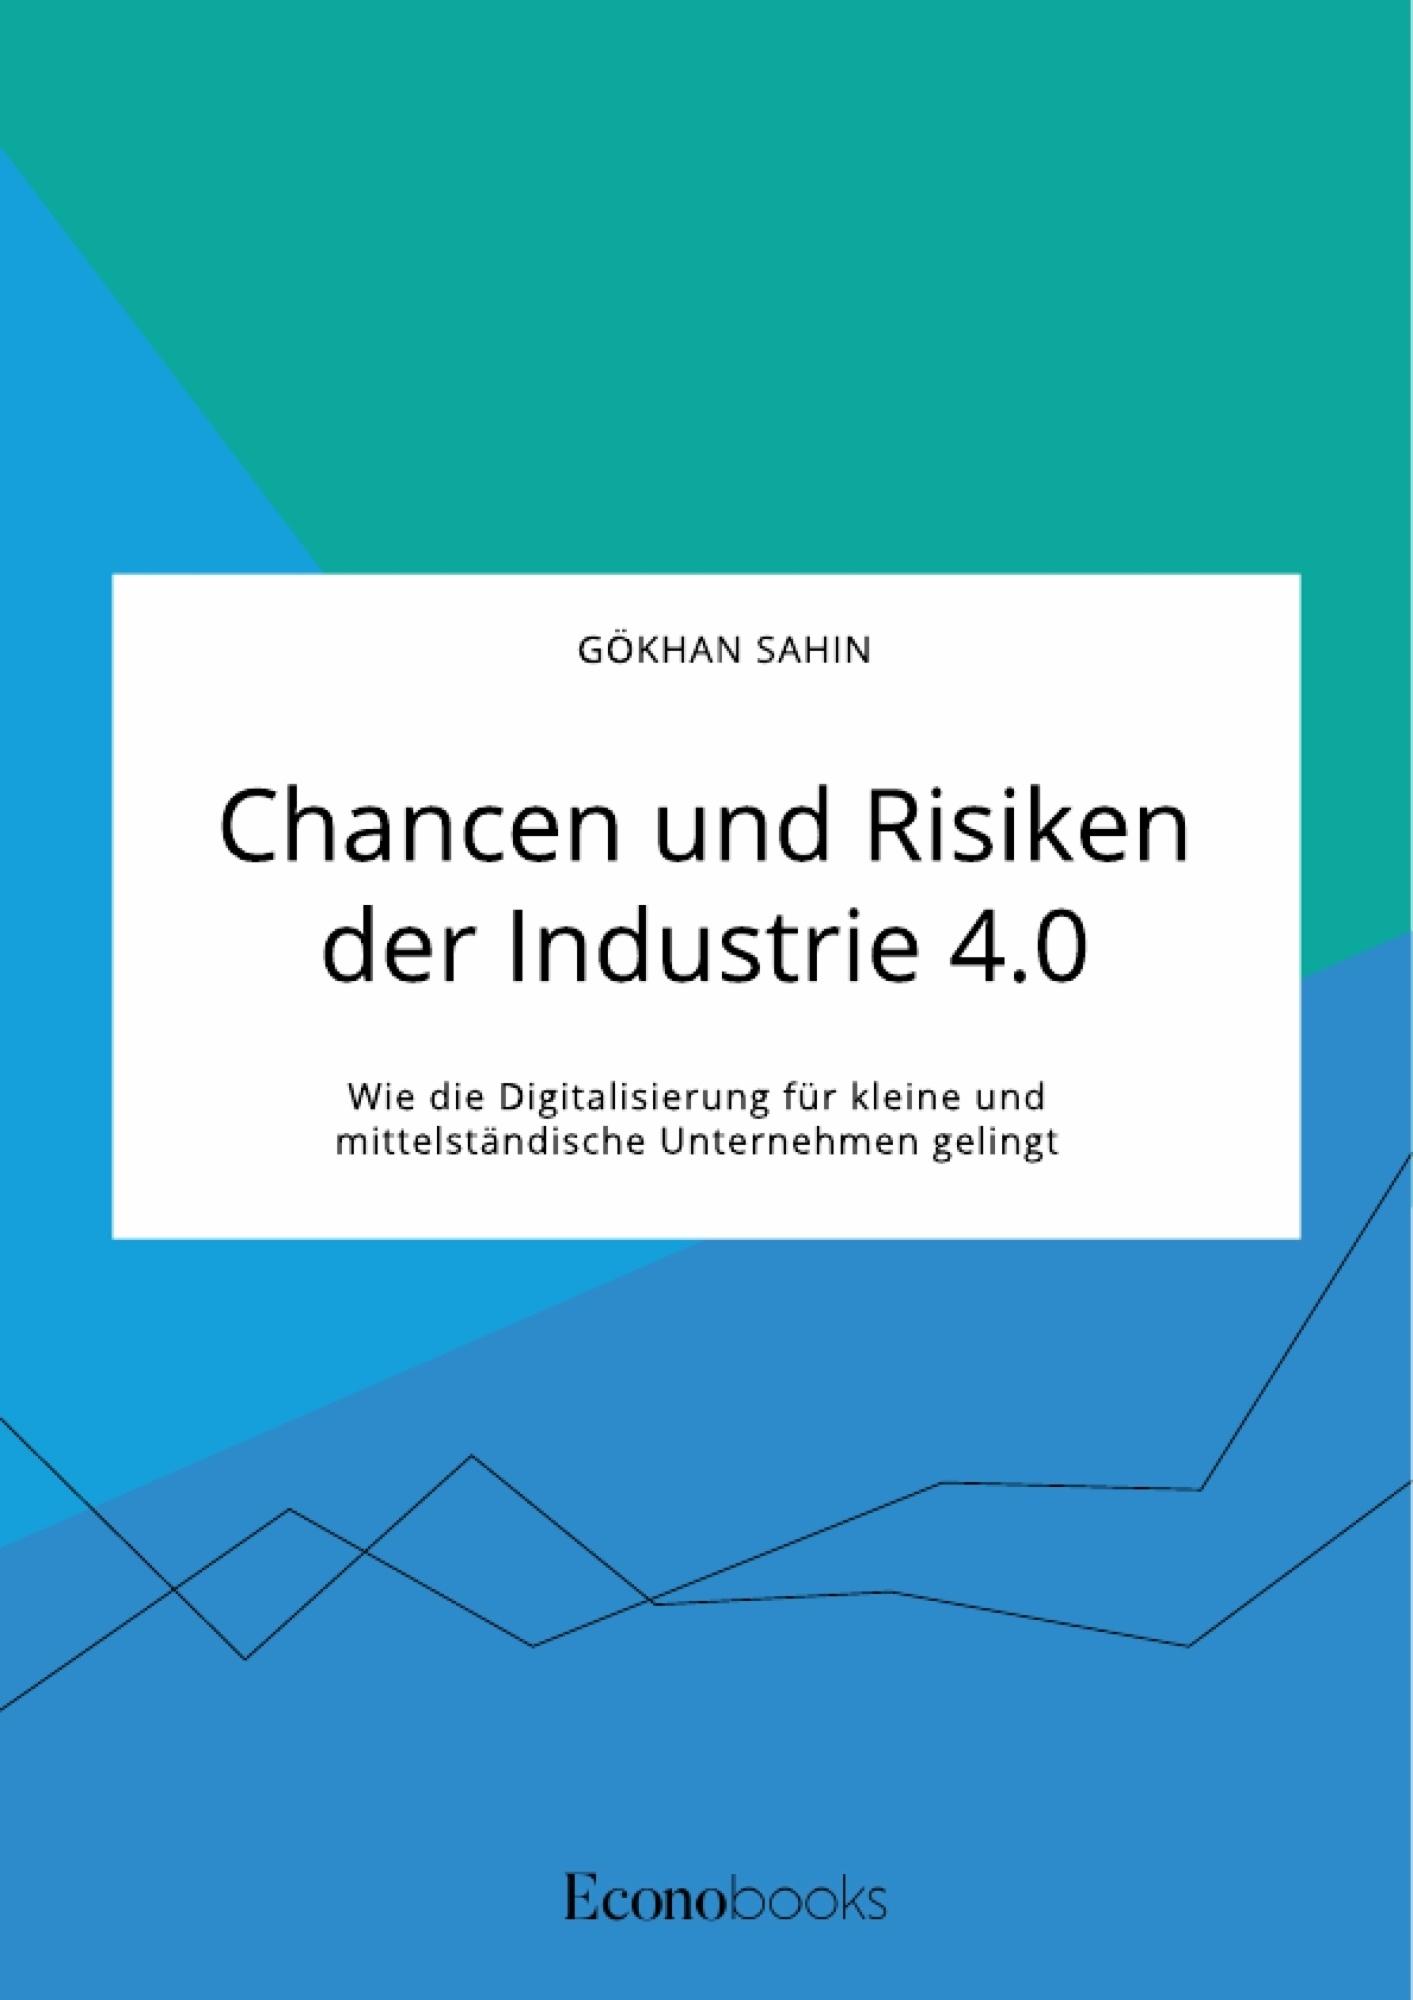 Titel: Chancen und Risiken der Industrie 4.0. Wie die Digitalisierung für kleine und mittelständische Unternehmen gelingt